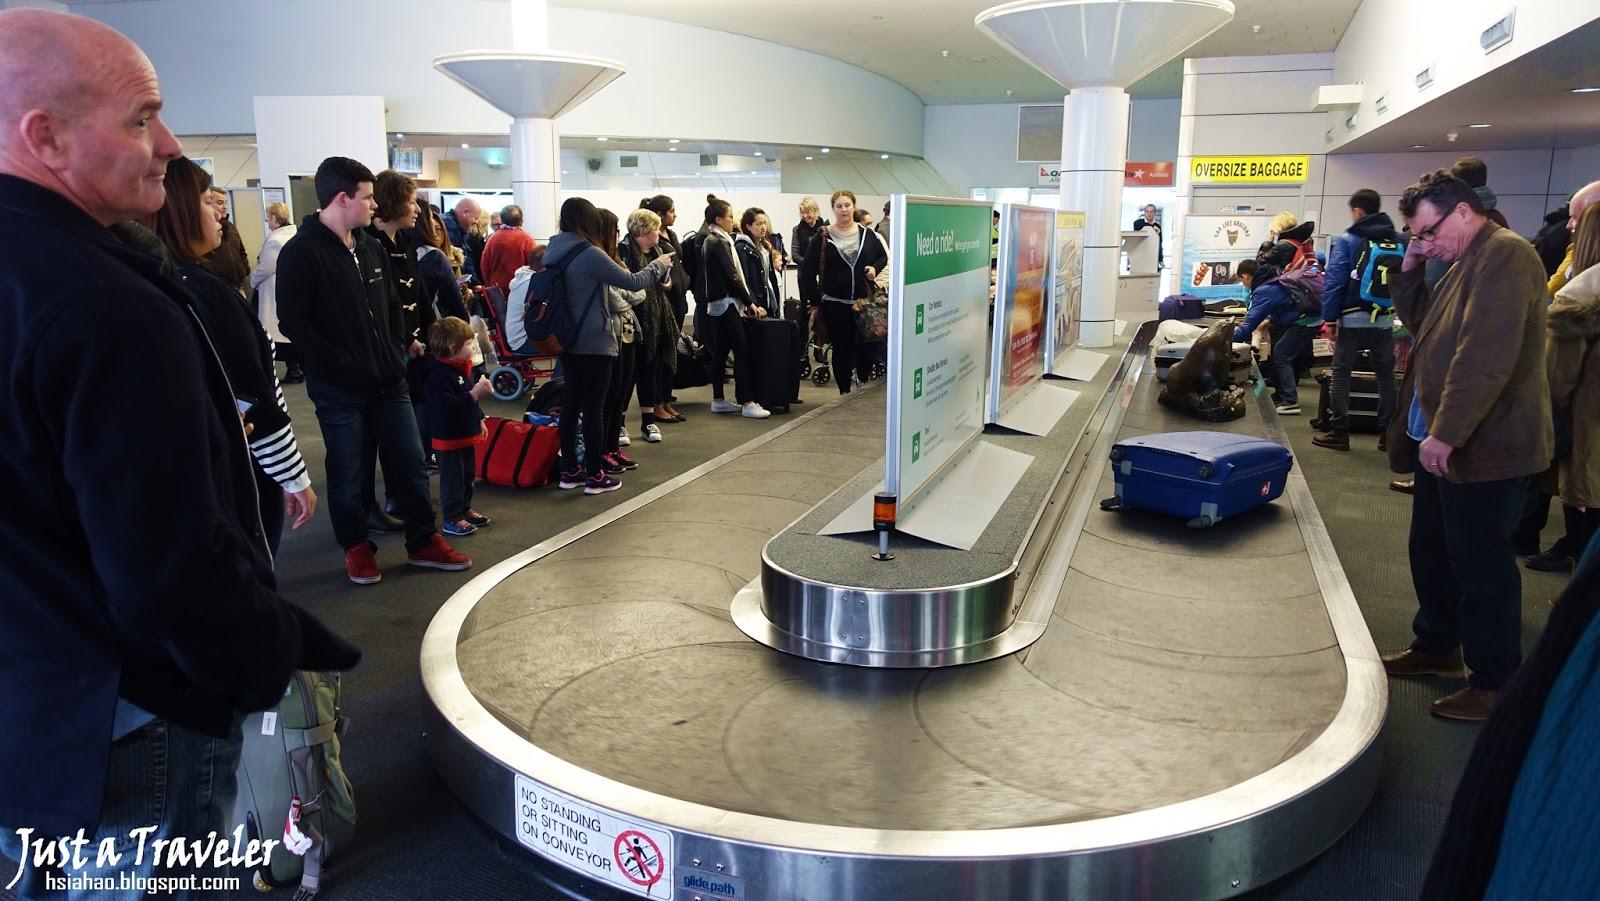 澳洲-廉航-廉價航空-荷伯特機場-Hobart-airport-布里斯本-塔斯馬尼亞-捷星-維珍-機票-訂票-Australia-Budget-Airline-Brisbane-Tasmania-Jetstar-Virgin